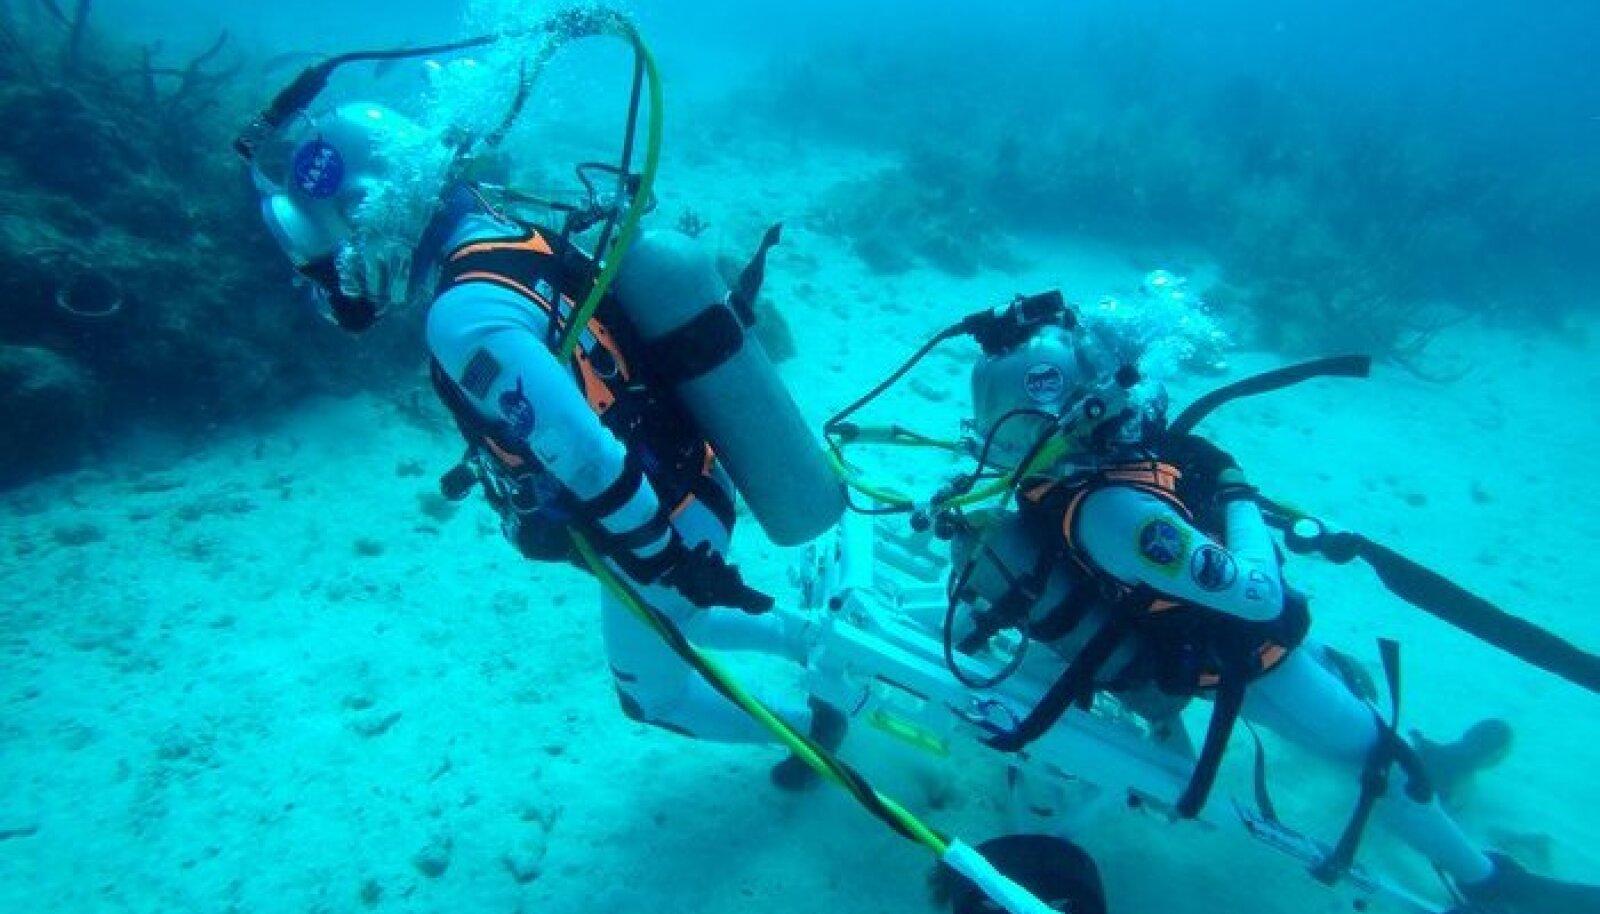 NASA astronaut Kjell Lindgren tirib ESA astronauti Pedro Duqued, kes lebab päästeseadmel, 20 m sügavusel mere põhjas. Merepõhi meenutab suurepäraselt Kuu pinnast, samuti on võimalik simuleerida vee all erineva tasemega raskusjõudu. Seetõttu oli viimane NEEMO missioon suurepärane koht Euroopa Kosmoseagentuuris Kuu-matkade jaoks välja töötatud varustuse testimiseks. Foto: NASA